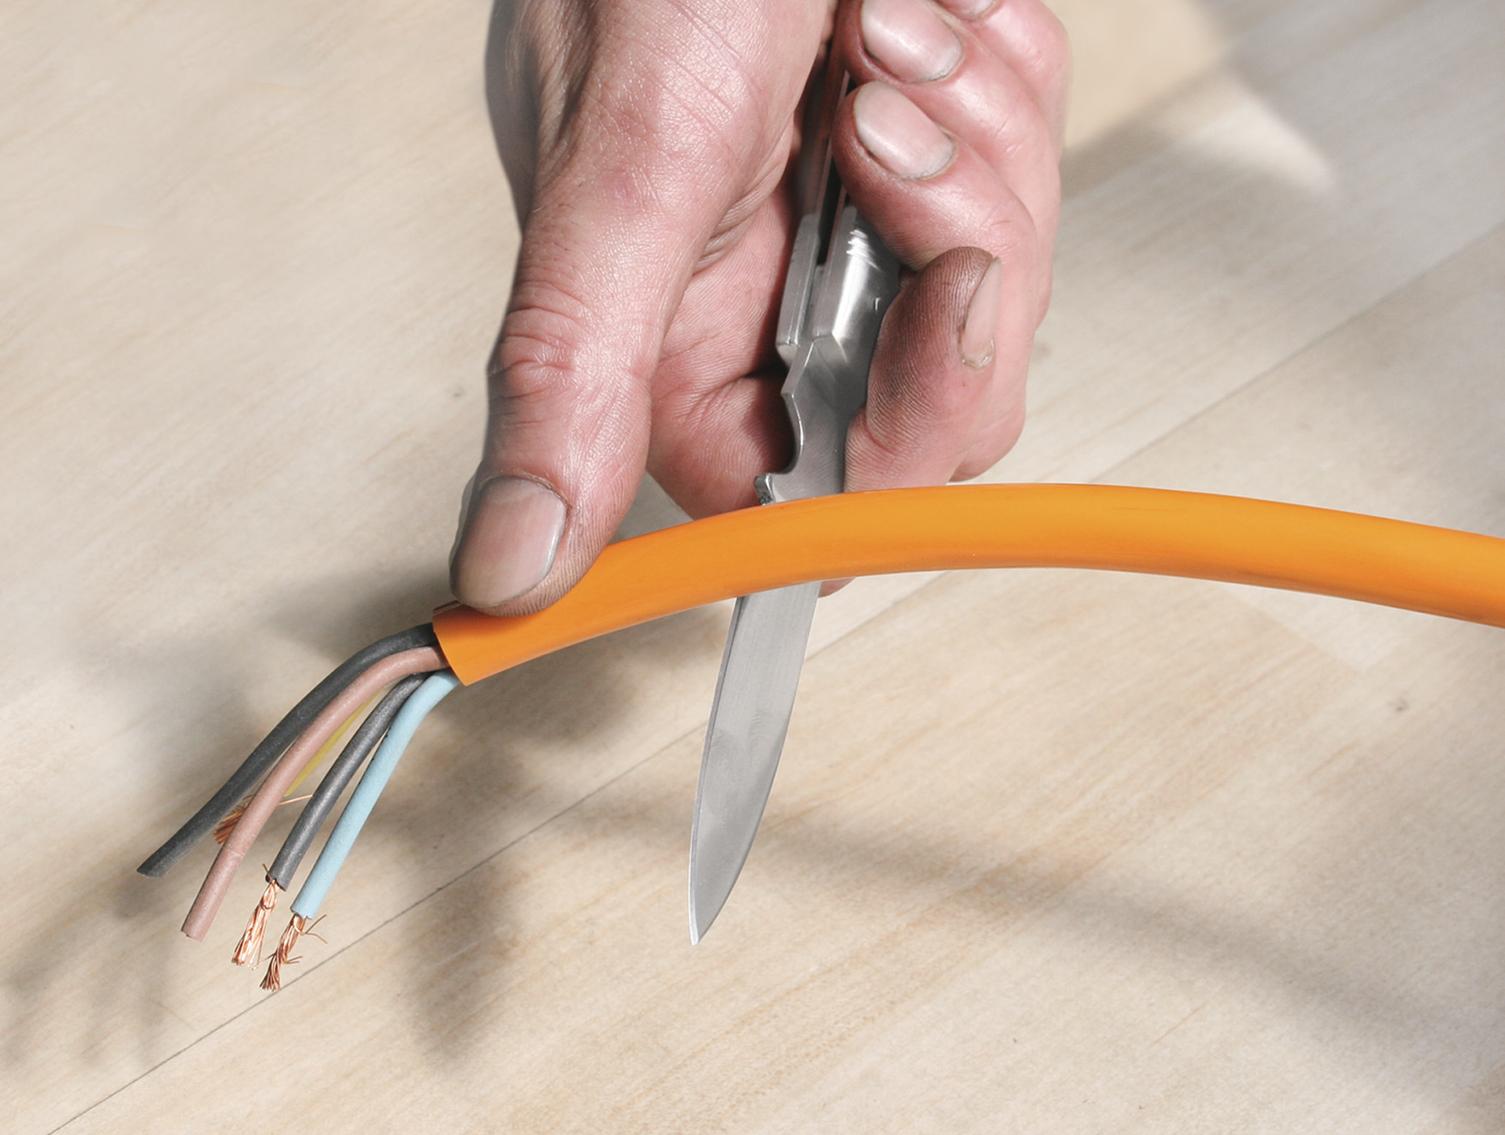 EIn klassisches Kabelmesser für jedes Werkzeugsortiment.